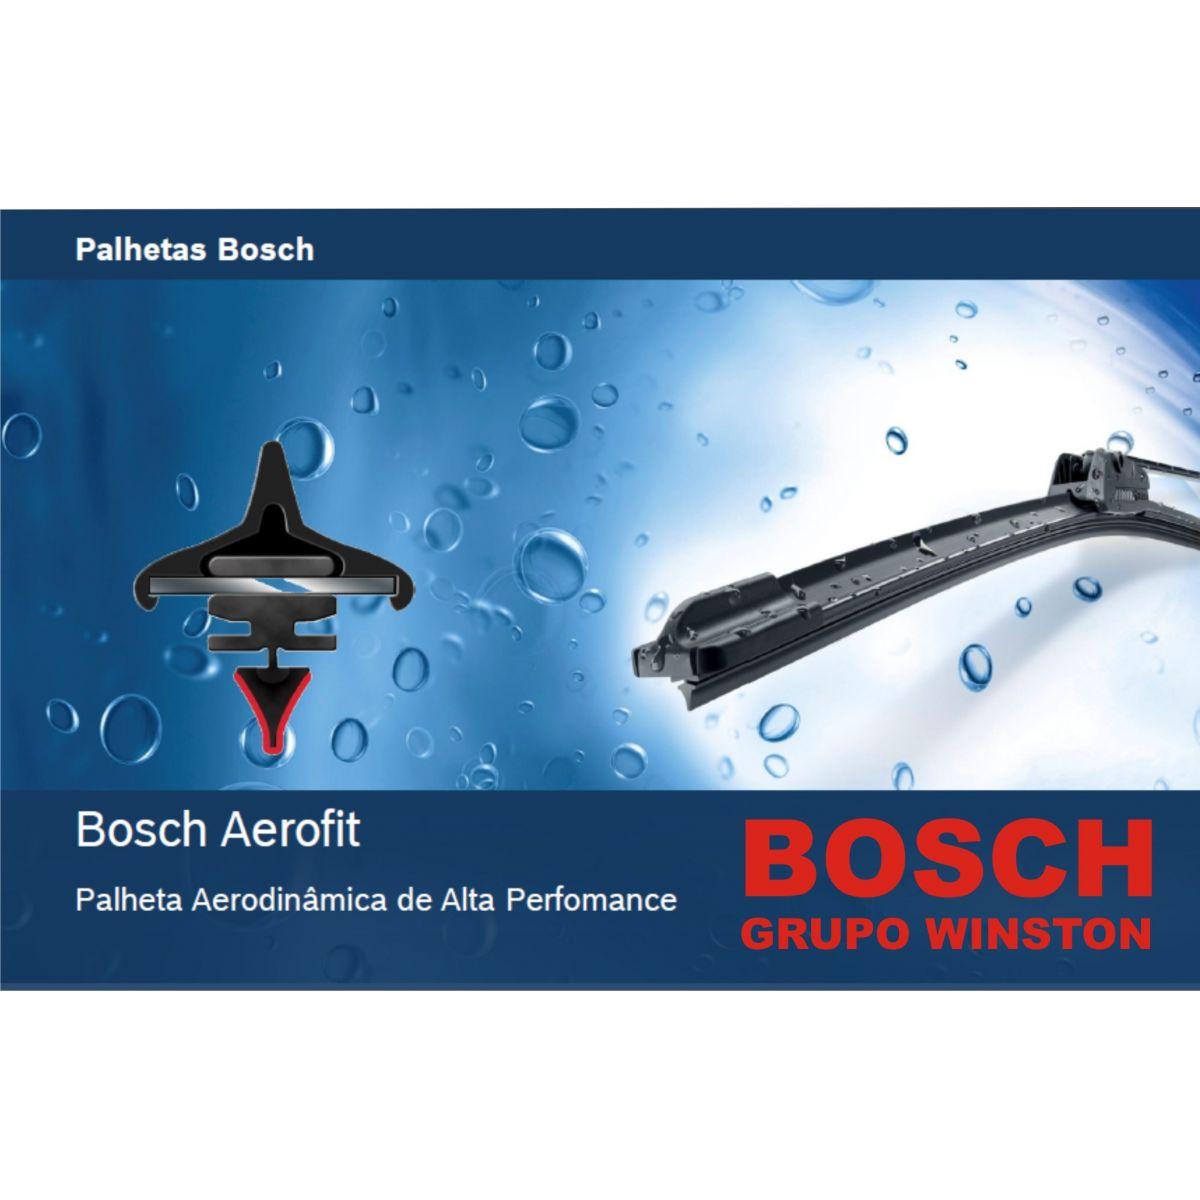 Palheta Bosch Aerofit Limpador de para brisa Bosch BMW Série 3 / Cabrio / Touring / M3 Série 3 / Compact Z3 Coupé